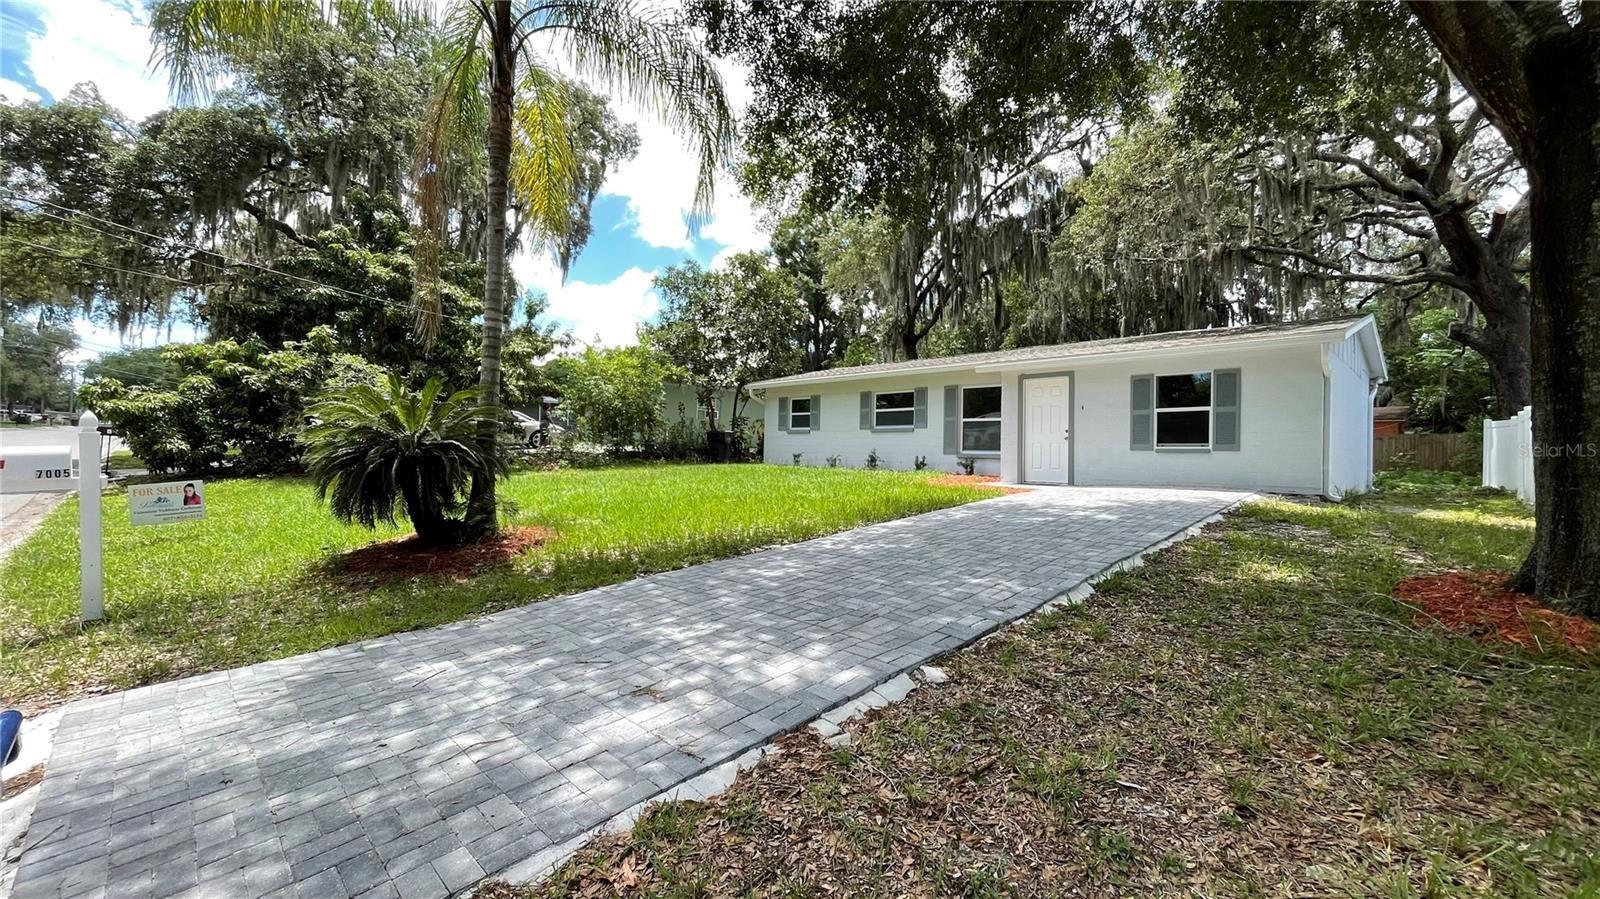 7005 YULE LANE, Tampa, FL 33637 - MLS#: S5051900